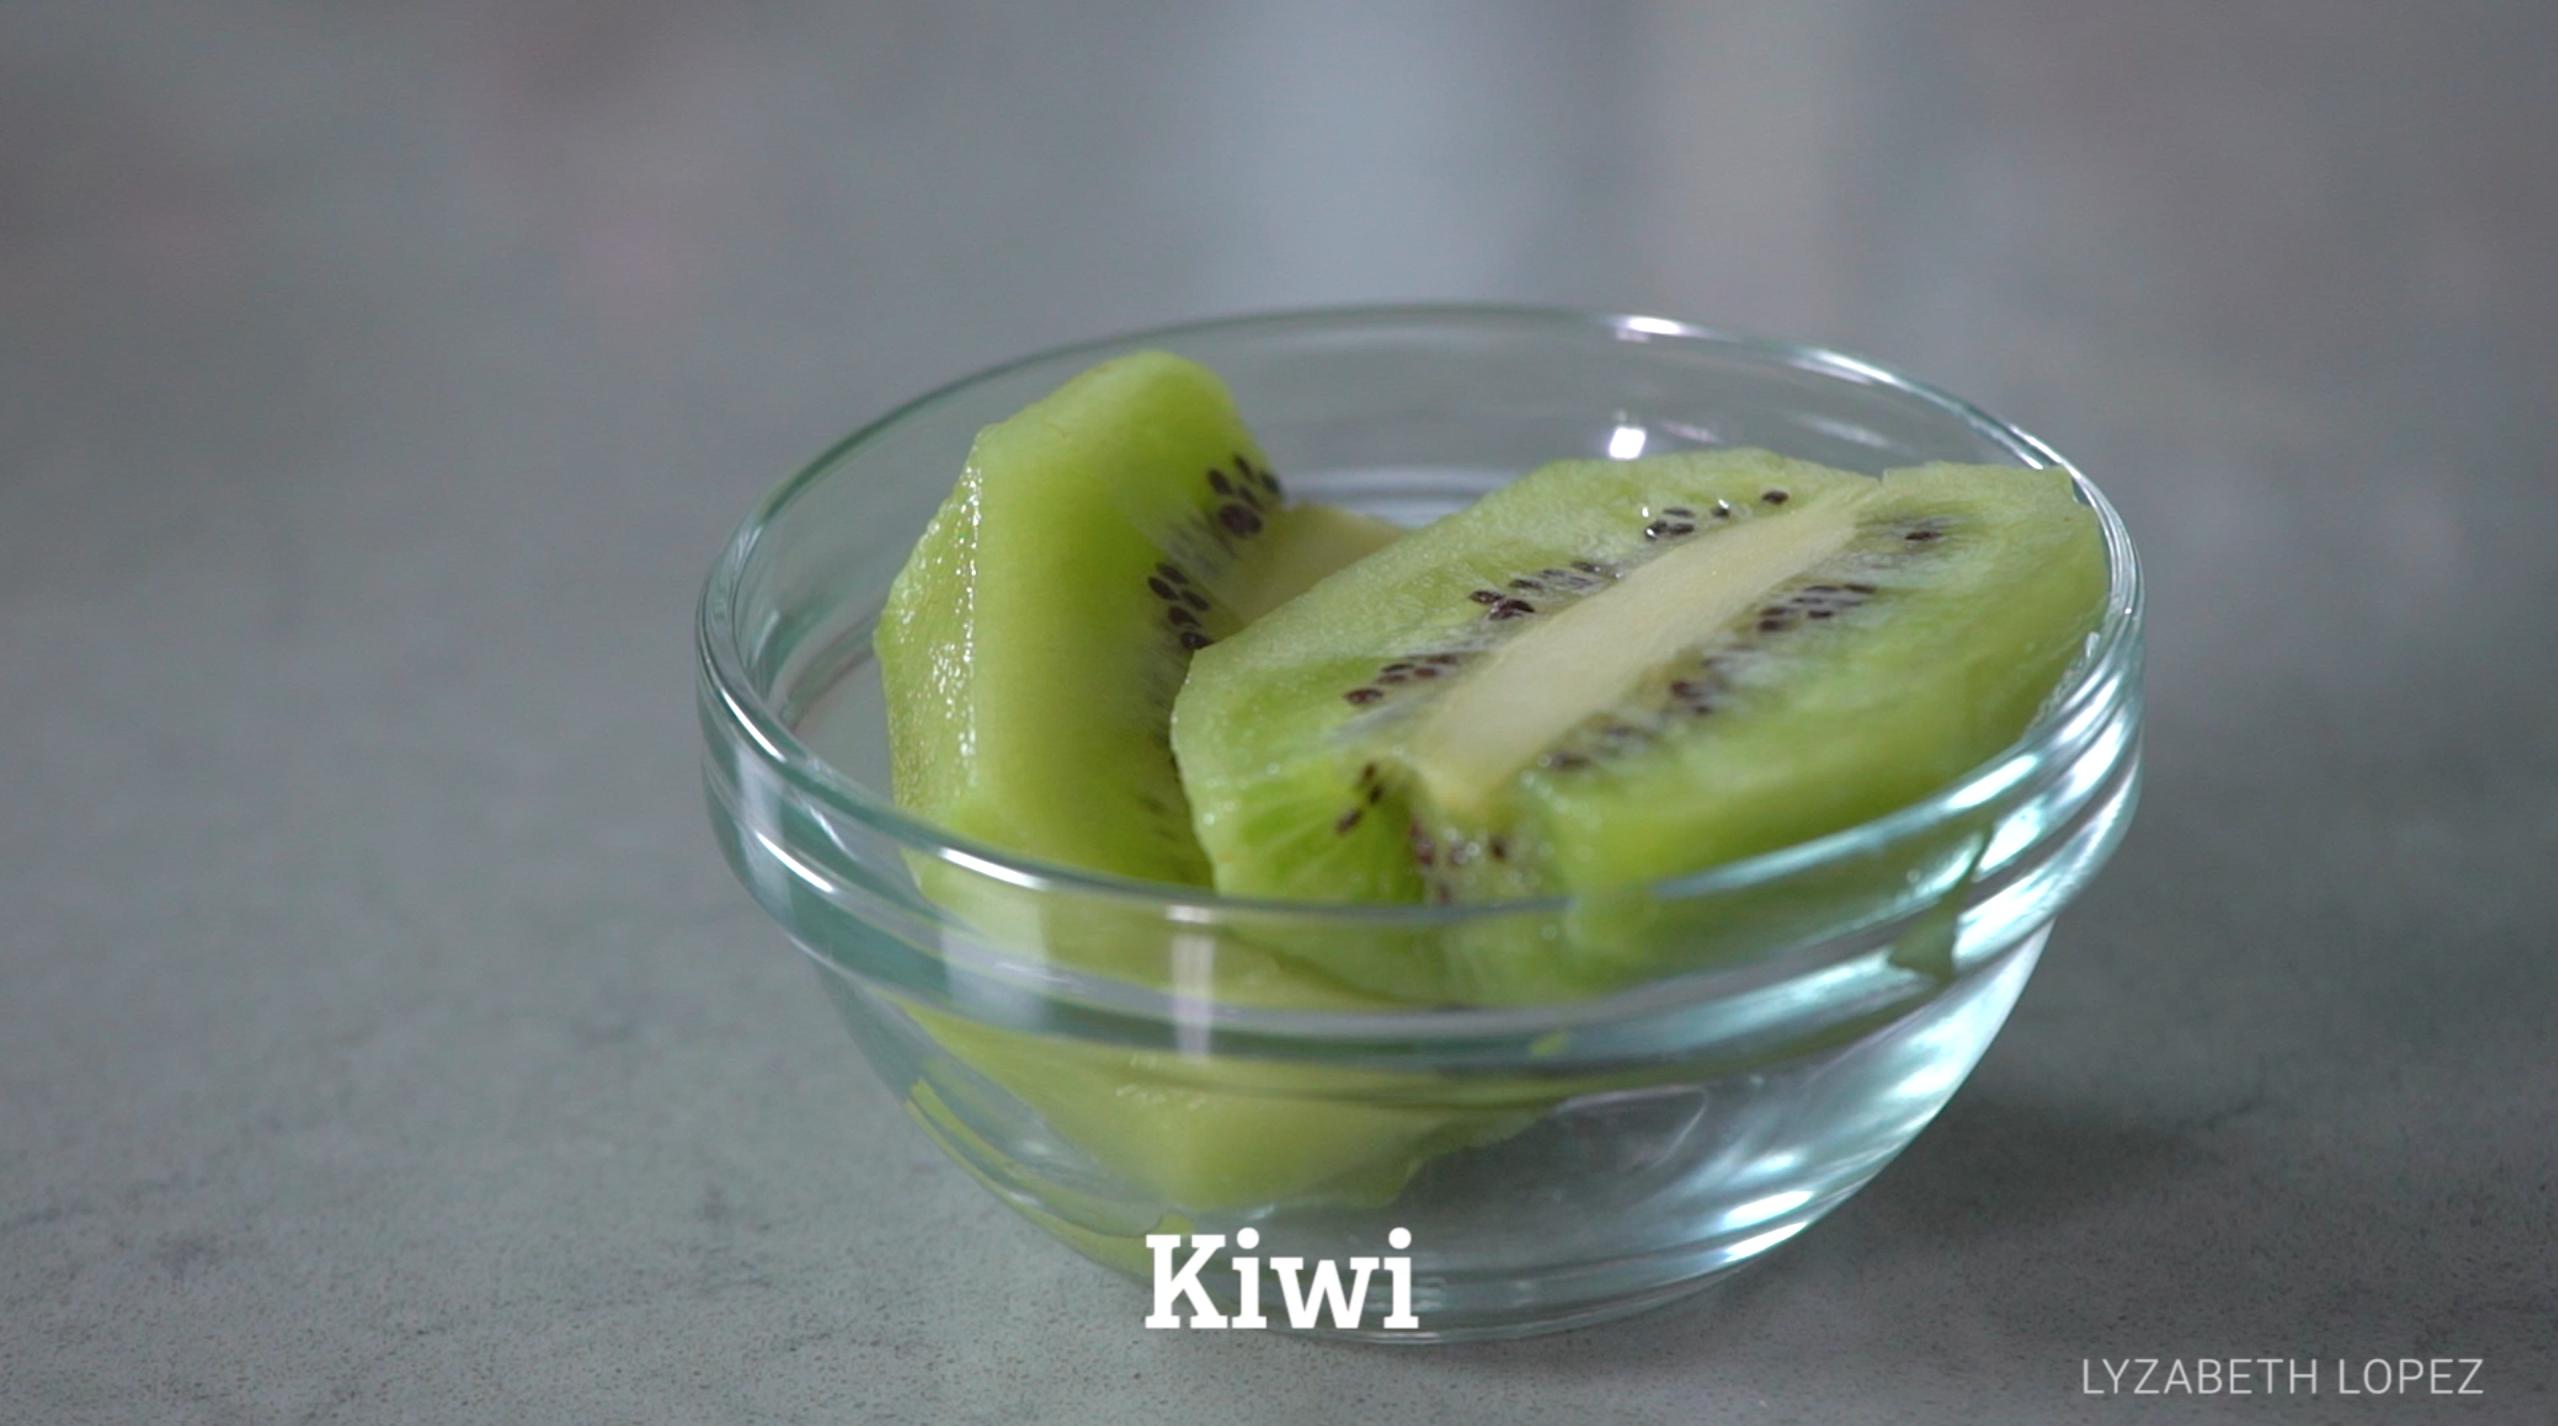 kiwi juice youtube how to make kiwi juice